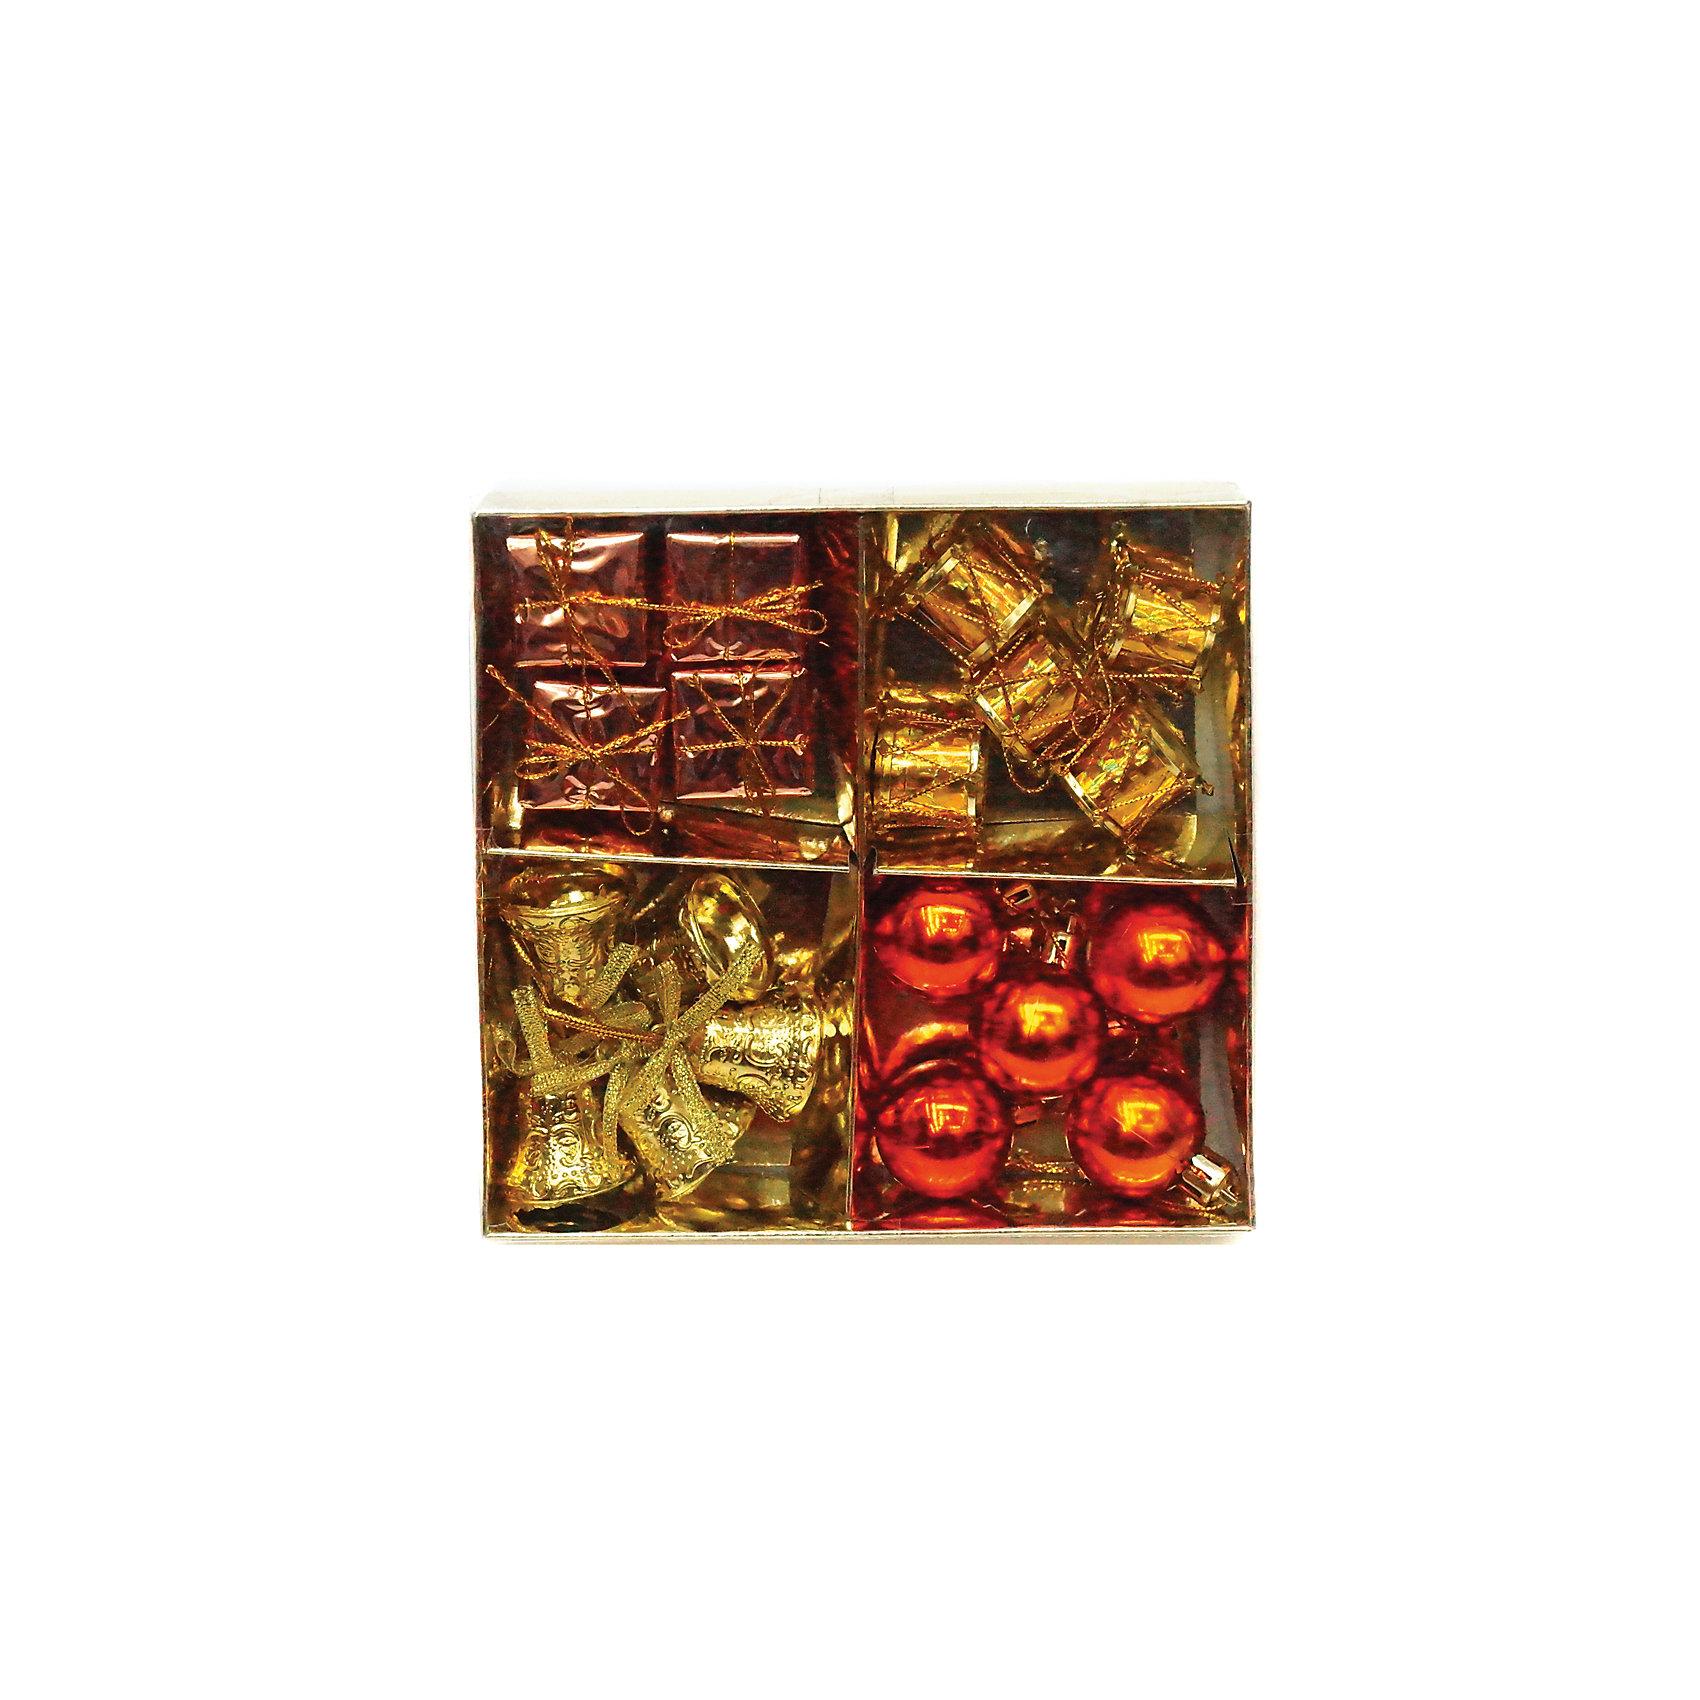 Набор елочных украшений 3 см, 16 штВсё для праздника<br>Набор елочных украшений украсит вашу елкуи придаст ей новогоднее настроение.Размер украшения 3 см.В наборе16 шт<br><br>Ширина мм: 155<br>Глубина мм: 155<br>Высота мм: 30<br>Вес г: 77<br>Возраст от месяцев: 36<br>Возраст до месяцев: 420<br>Пол: Унисекс<br>Возраст: Детский<br>SKU: 5078435